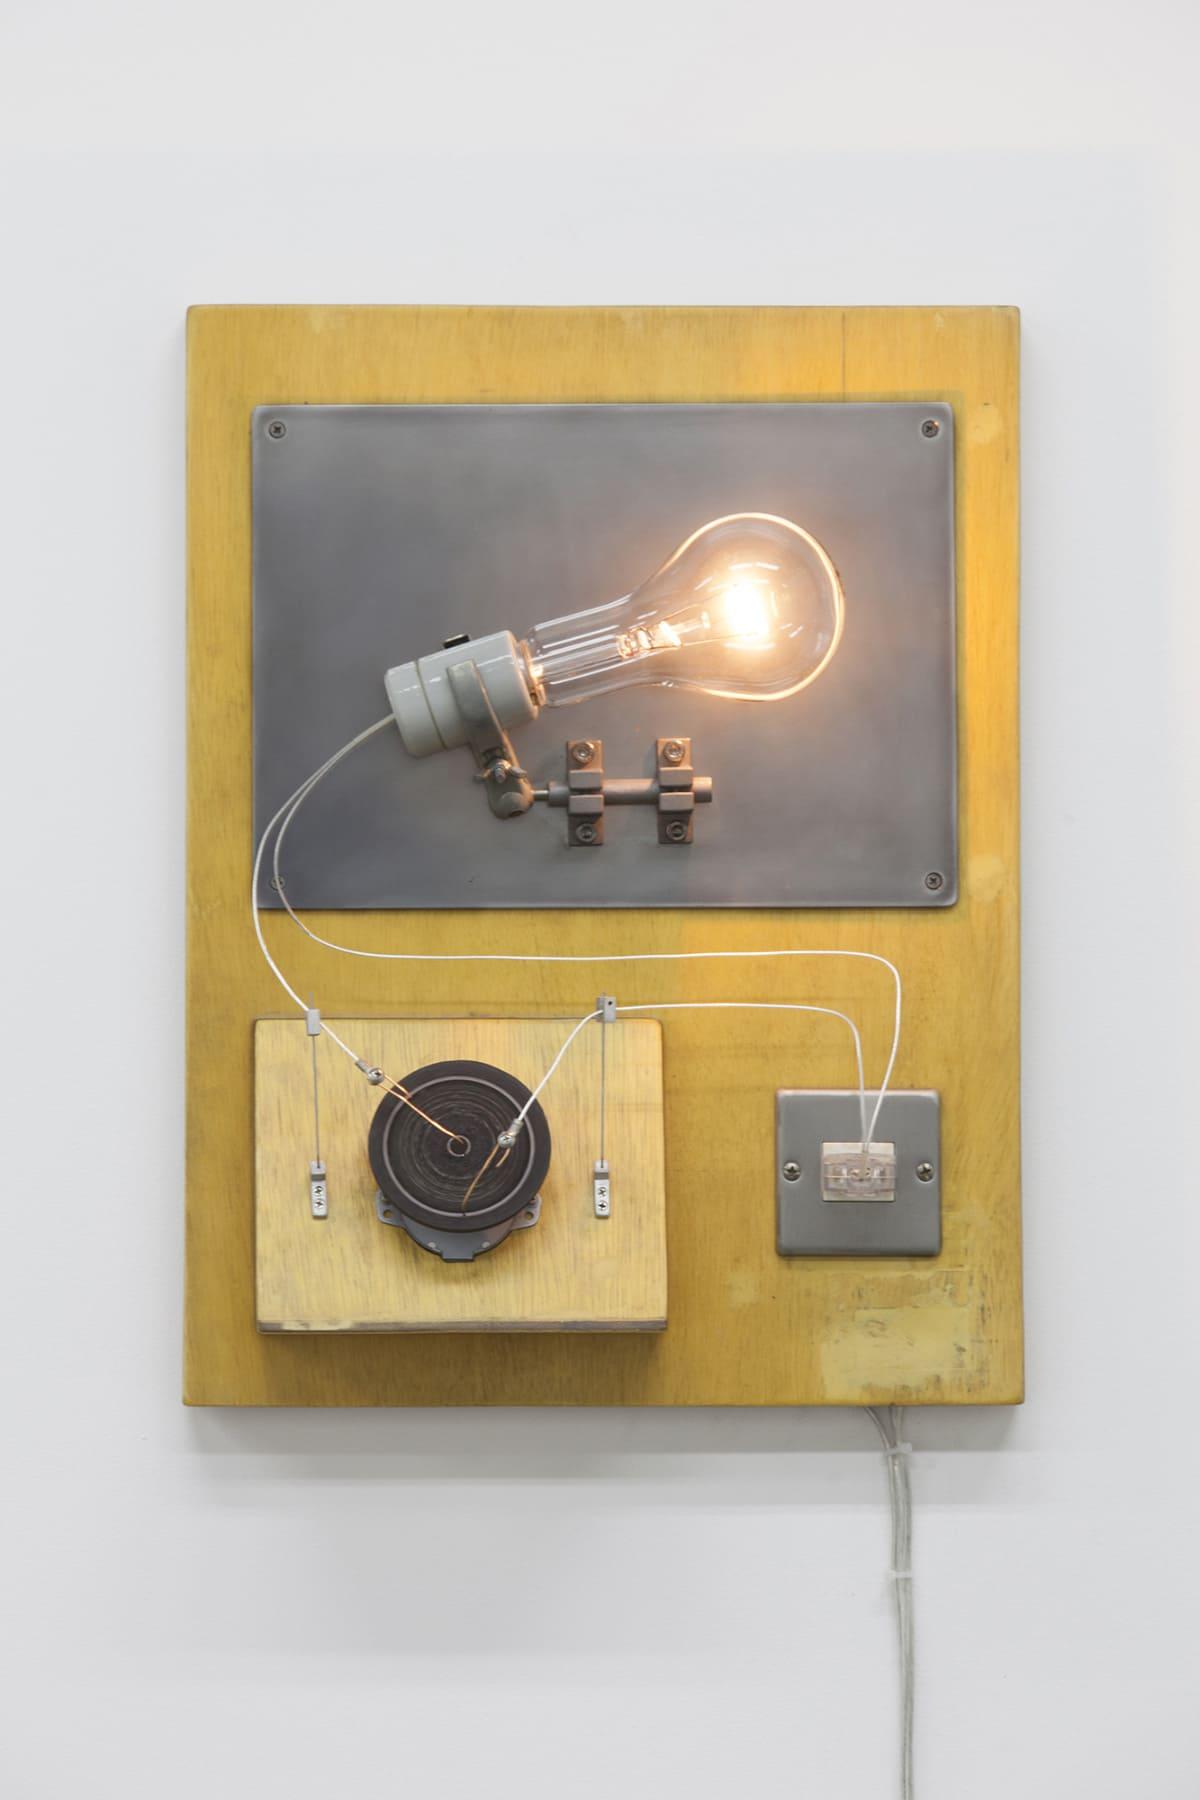 白熱灯のための接点 #3